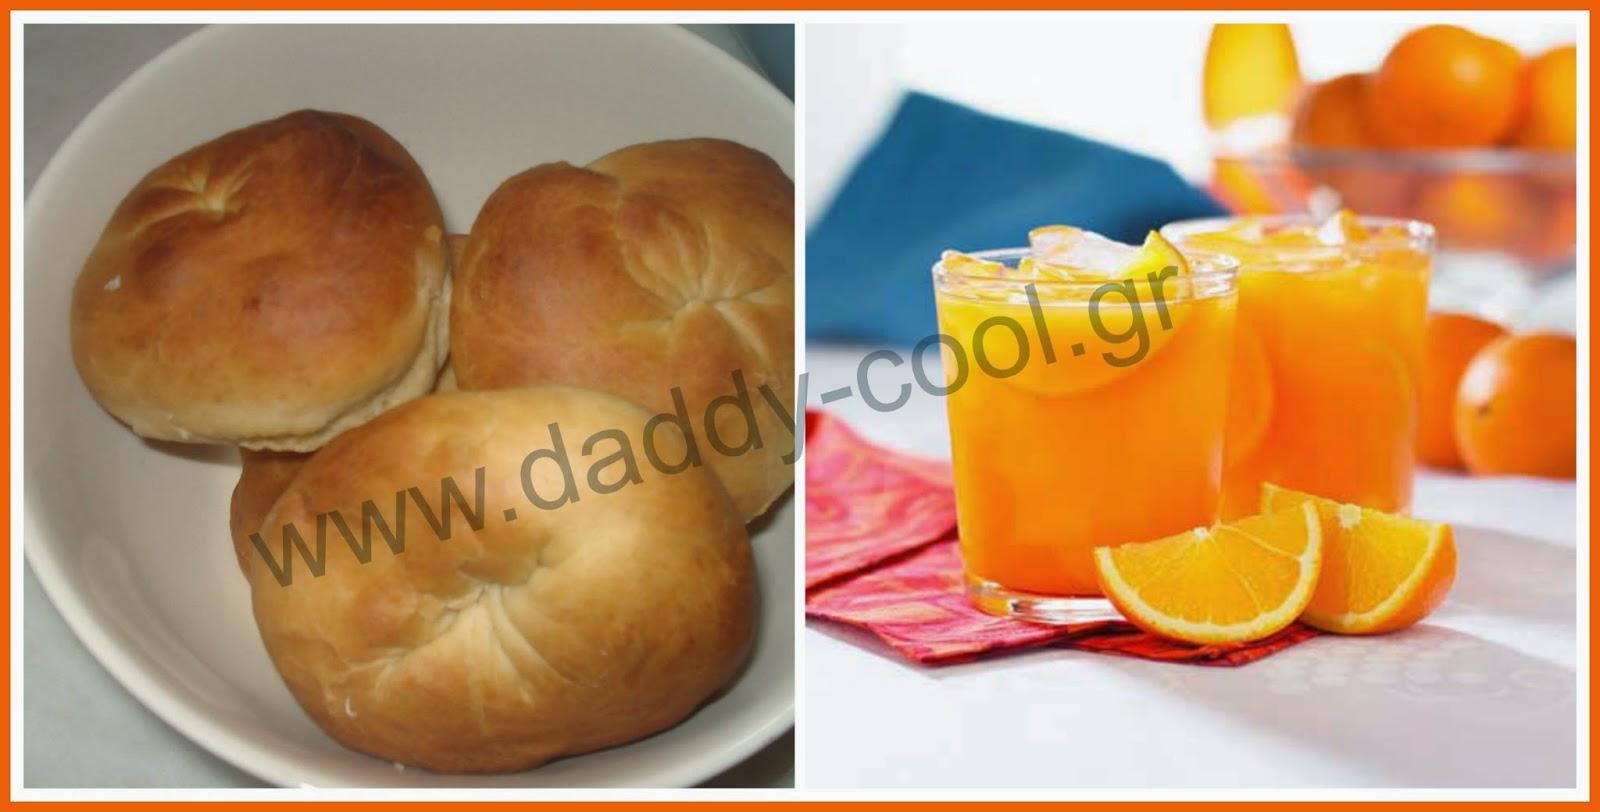 Αφράτα ντόνατς και συμπυκνωμένη πορτοκαλάδα από την φίλη μας  Άρτεμις! Οι δικές σας συνταγές!